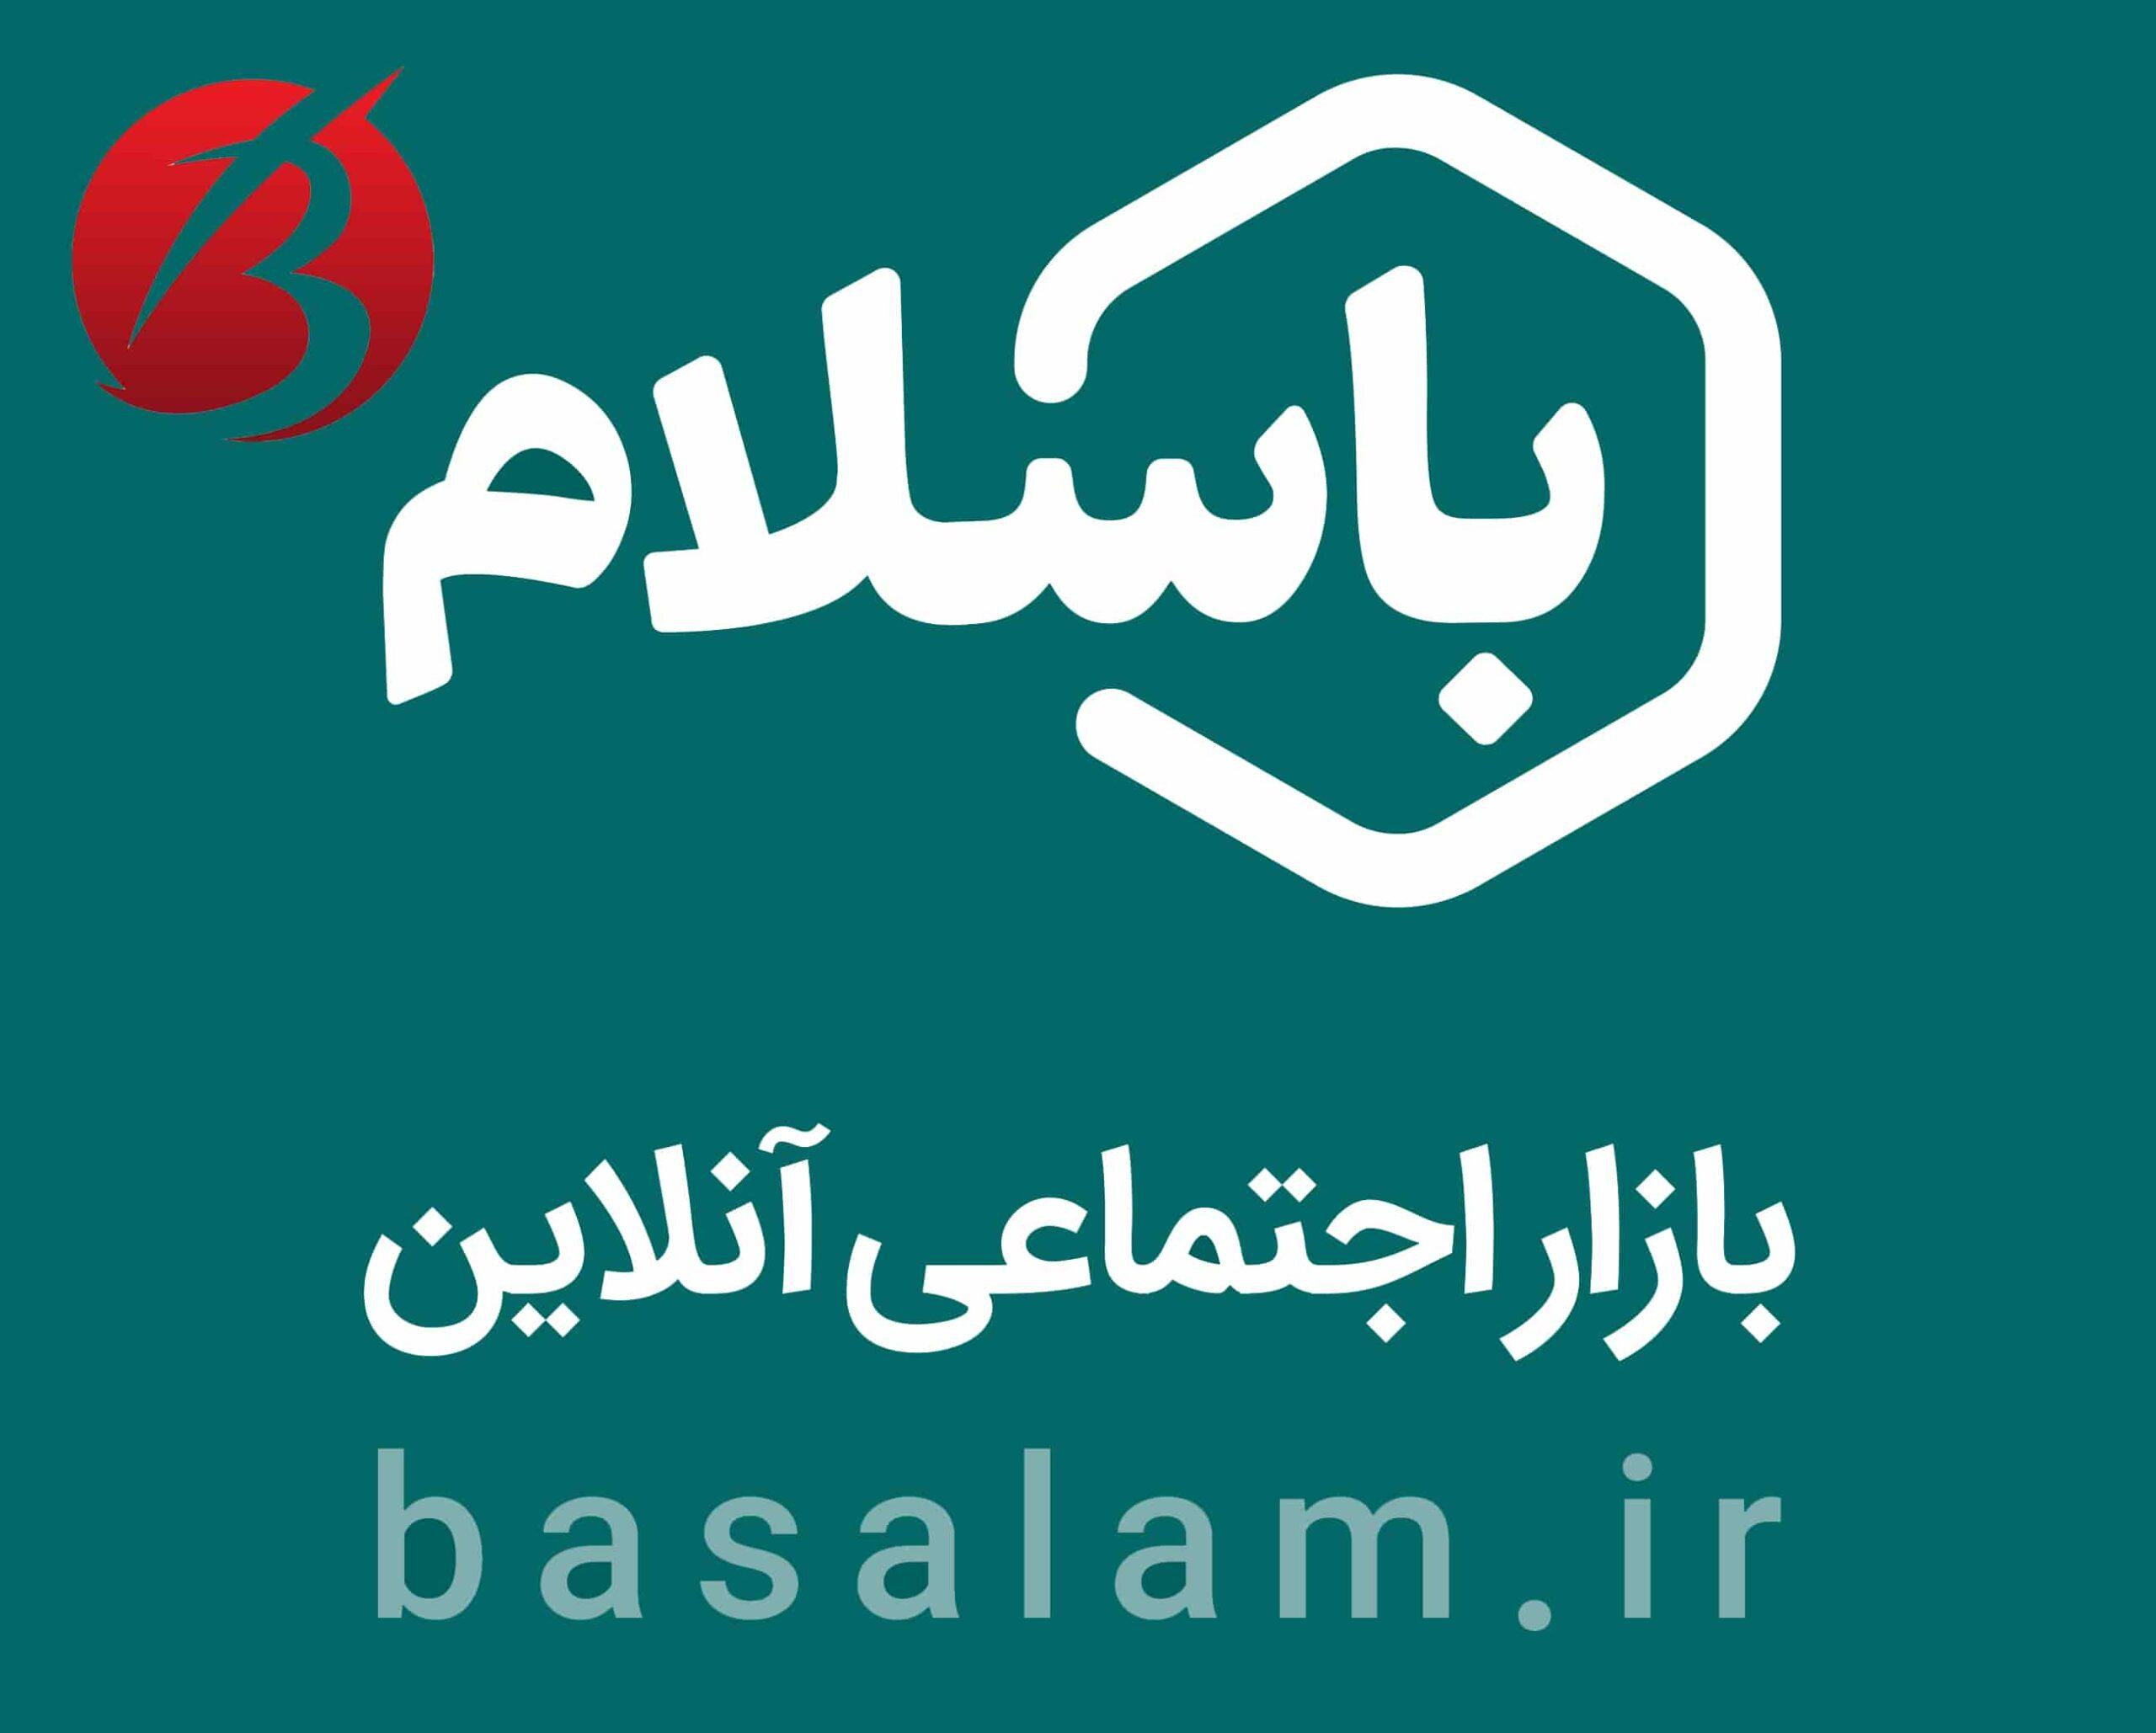 کاربردی ترین اپلیکیشن های ایرانی - معرفی برنامه با سلام